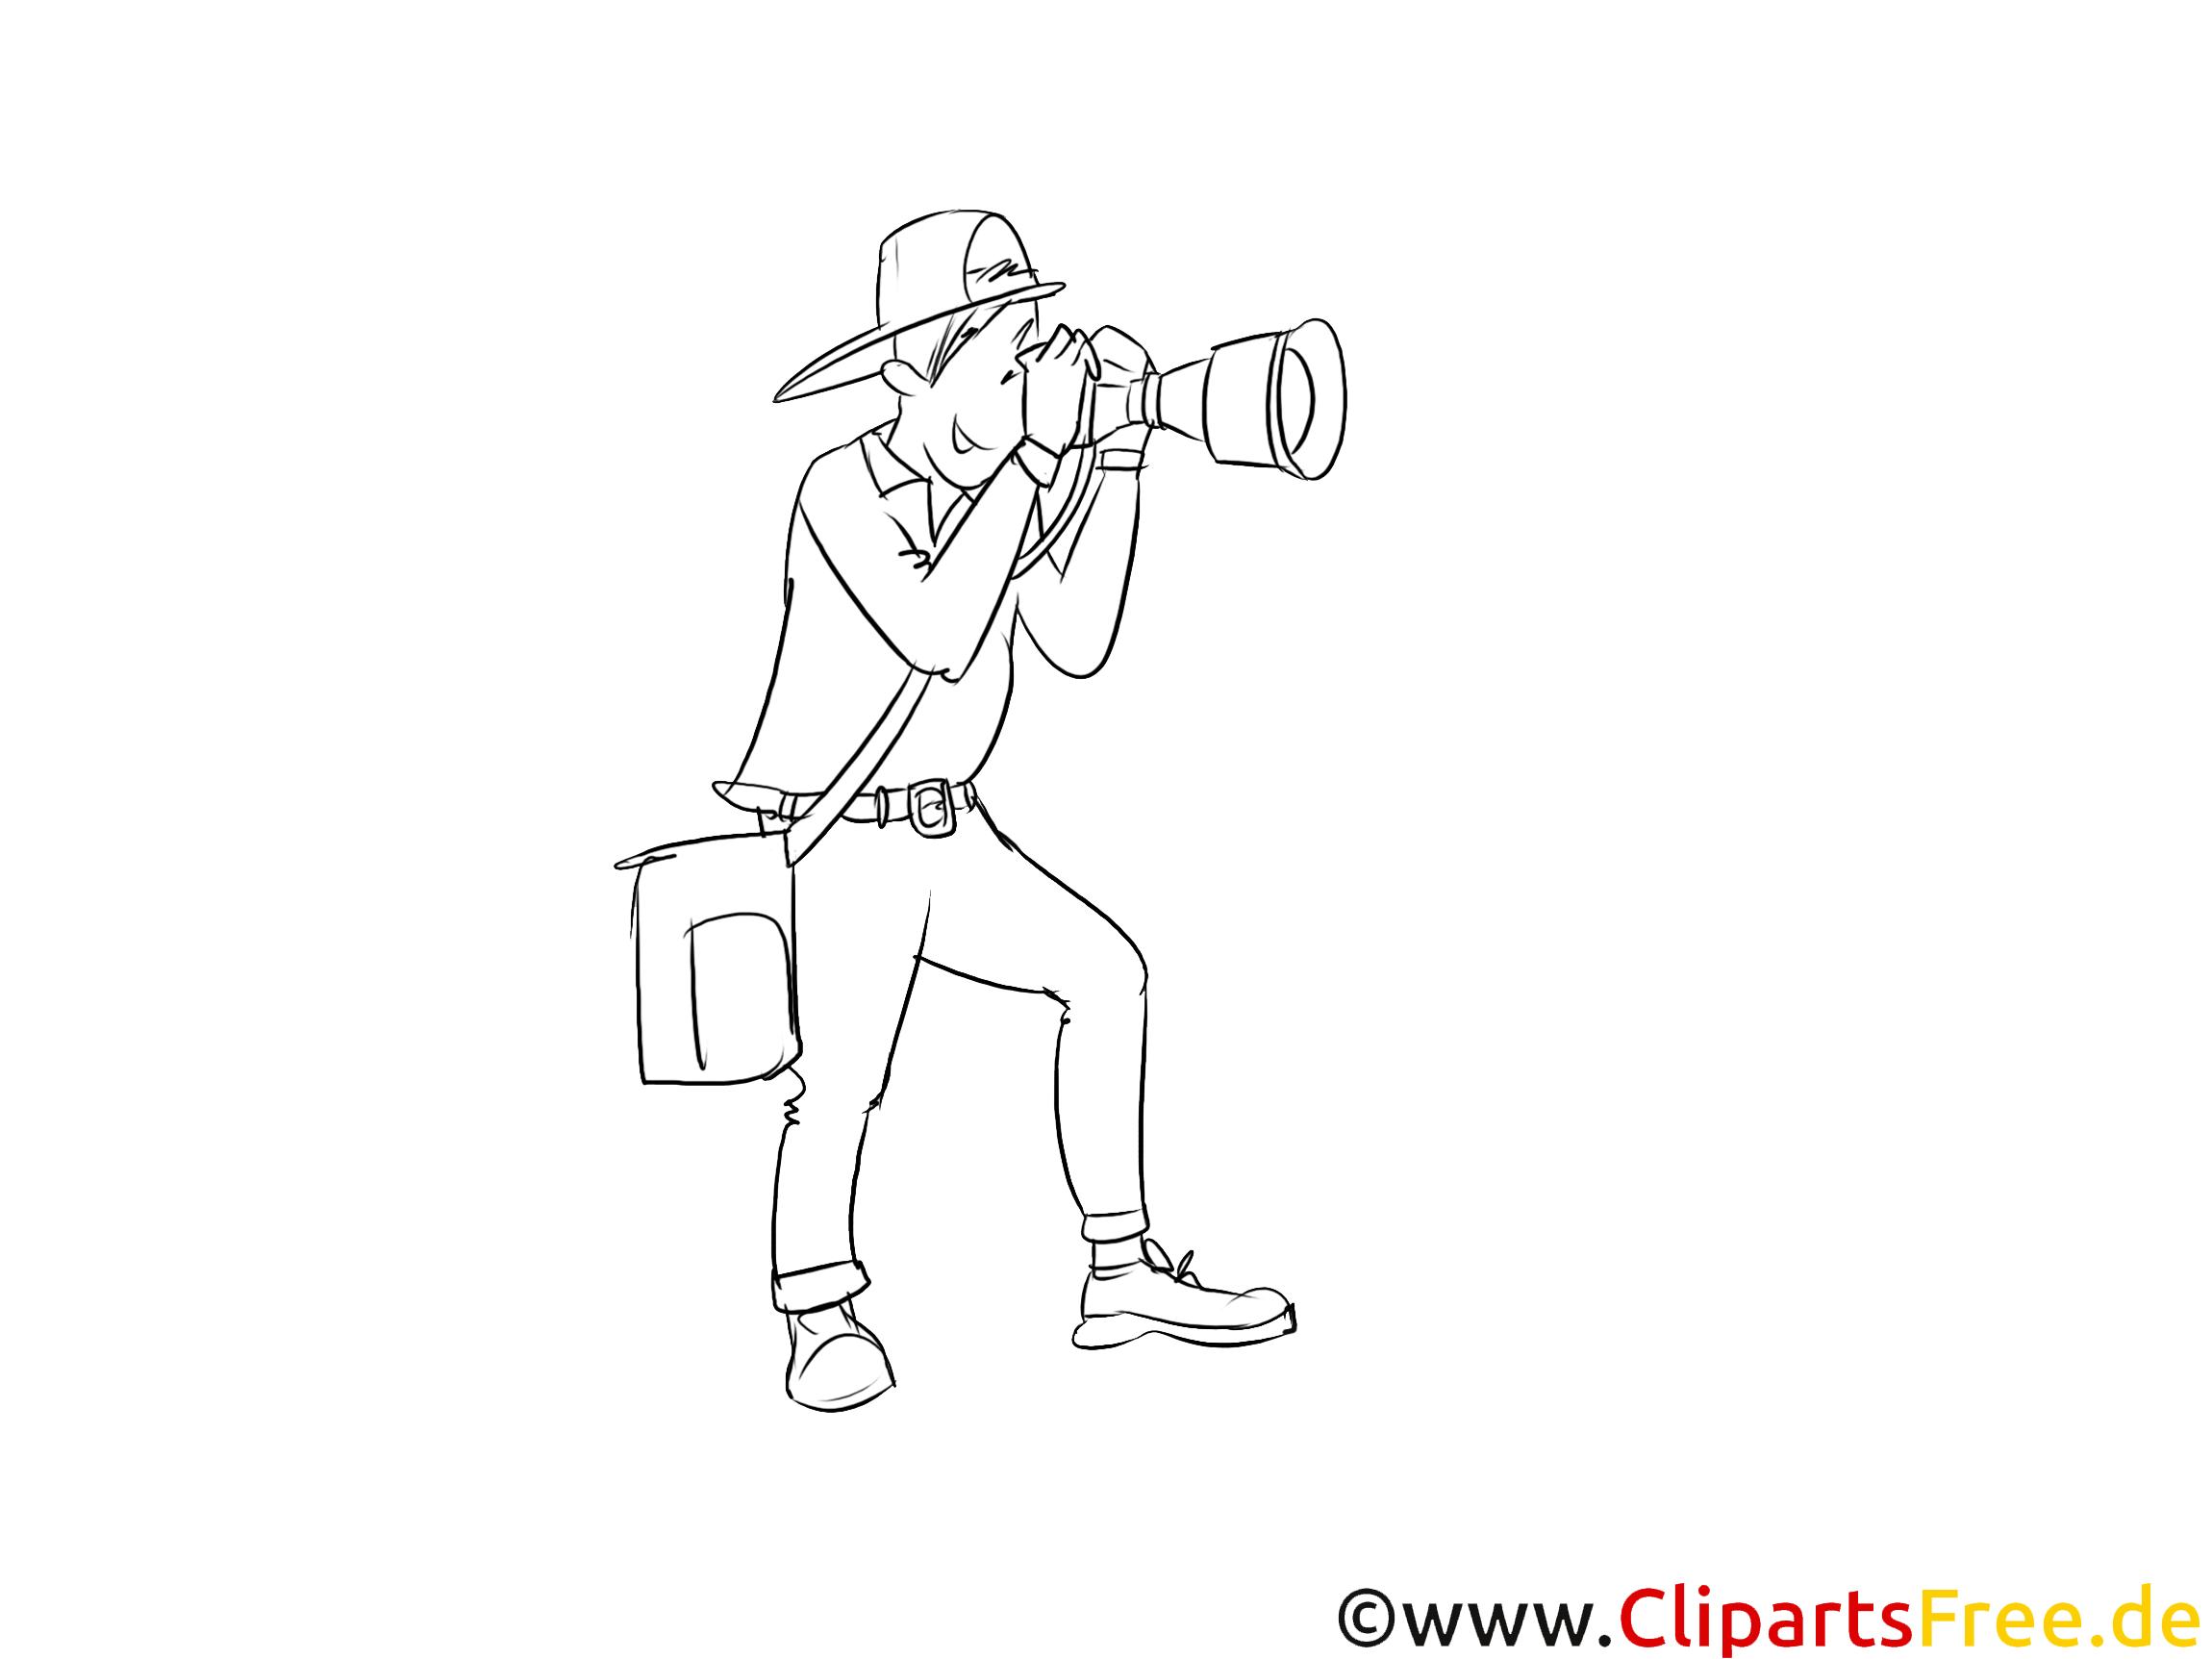 Fotograf-Freelancer Clipart, Grafik, Bild schwarz-weiß